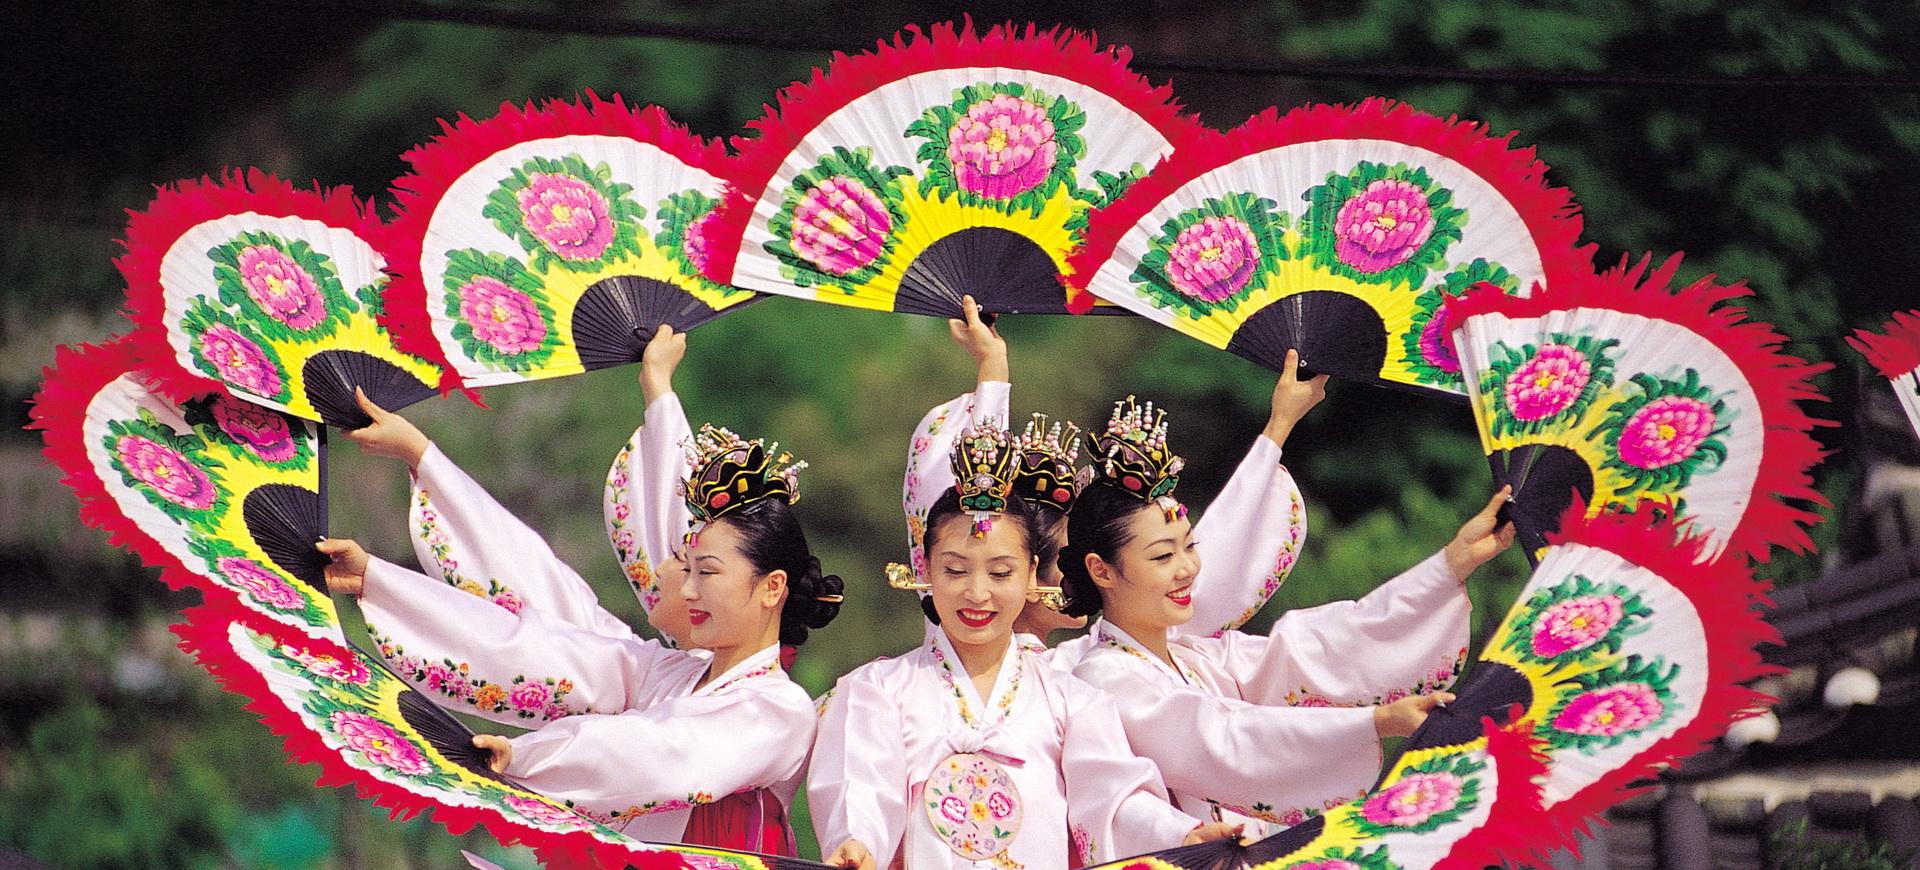 Conseils pratiques Corée du Sud